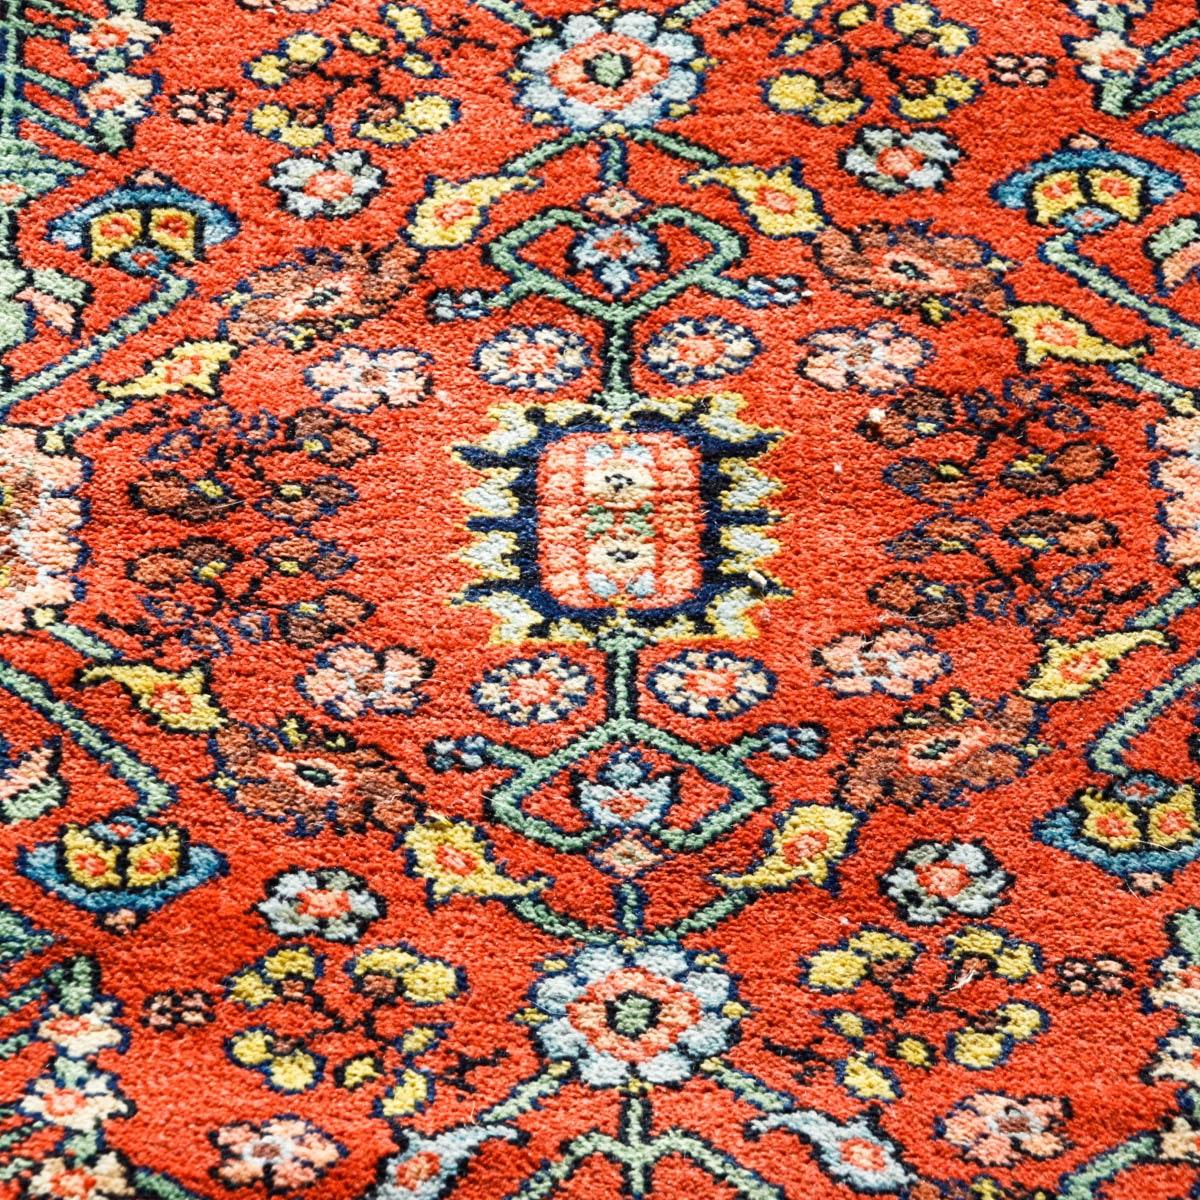 Karastan Quot Serapi Quot Wool Area Rug Ebth